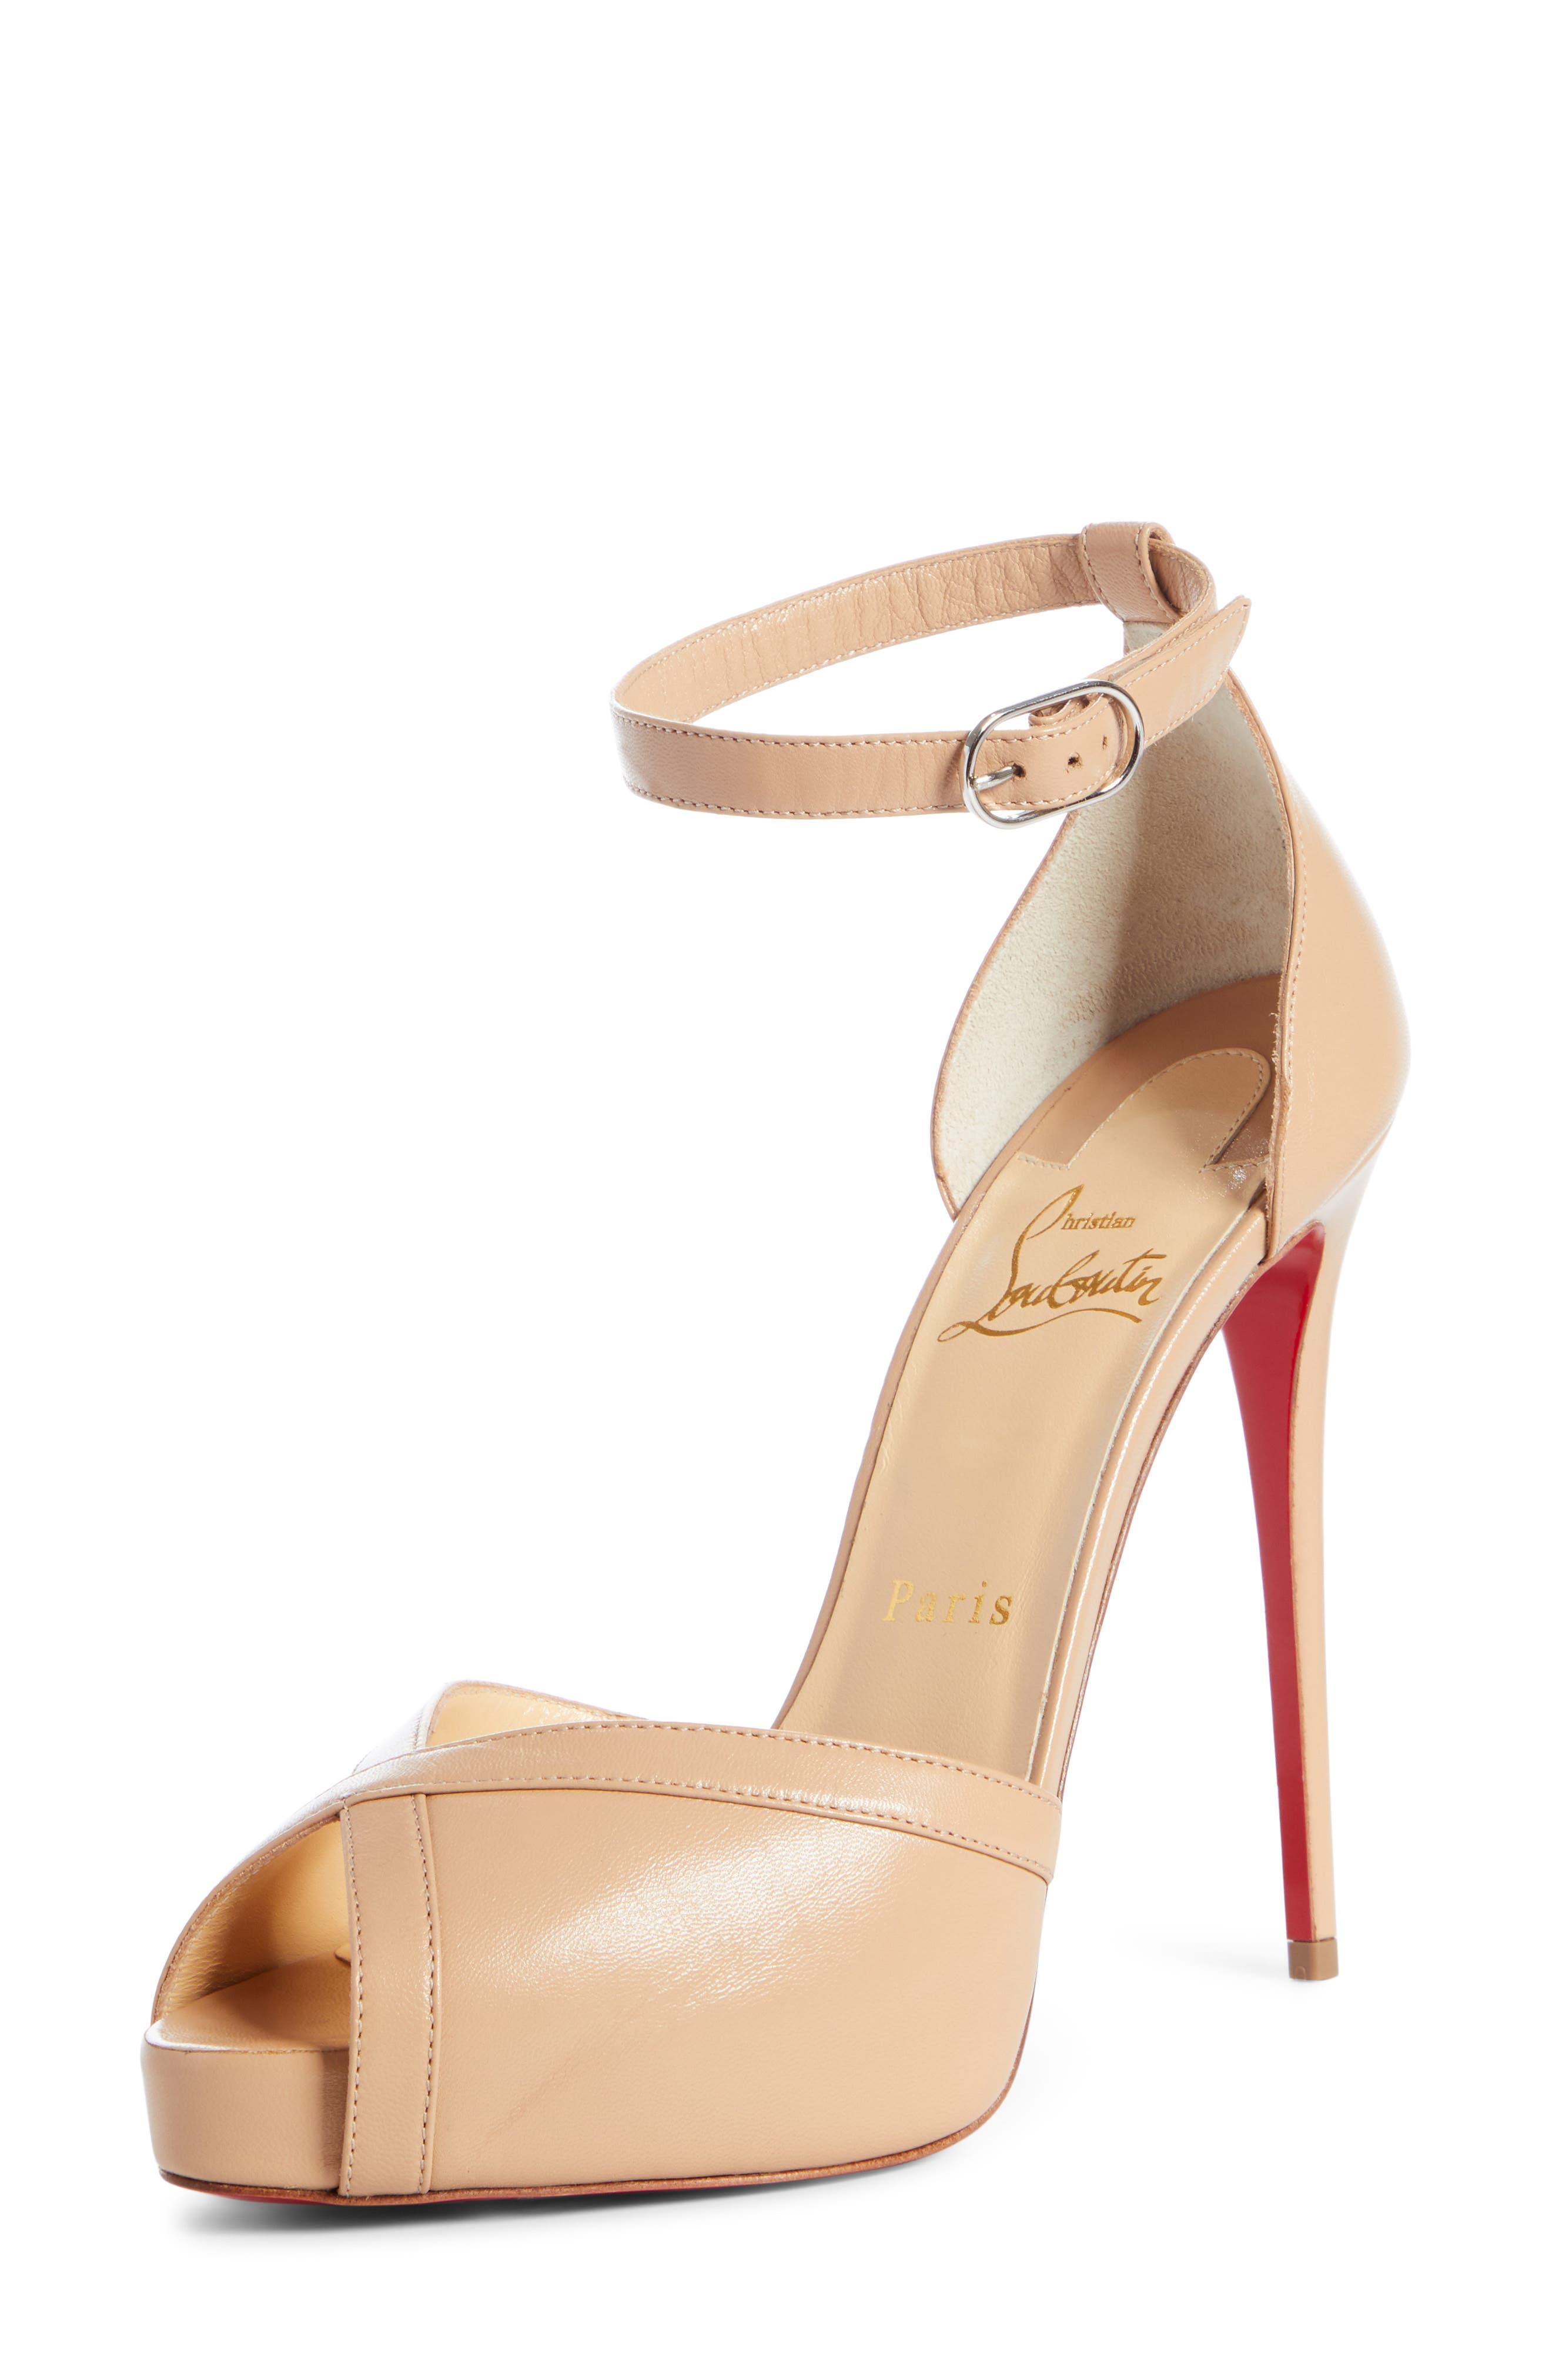 Women's Peep Toe Heels | Nordstrom